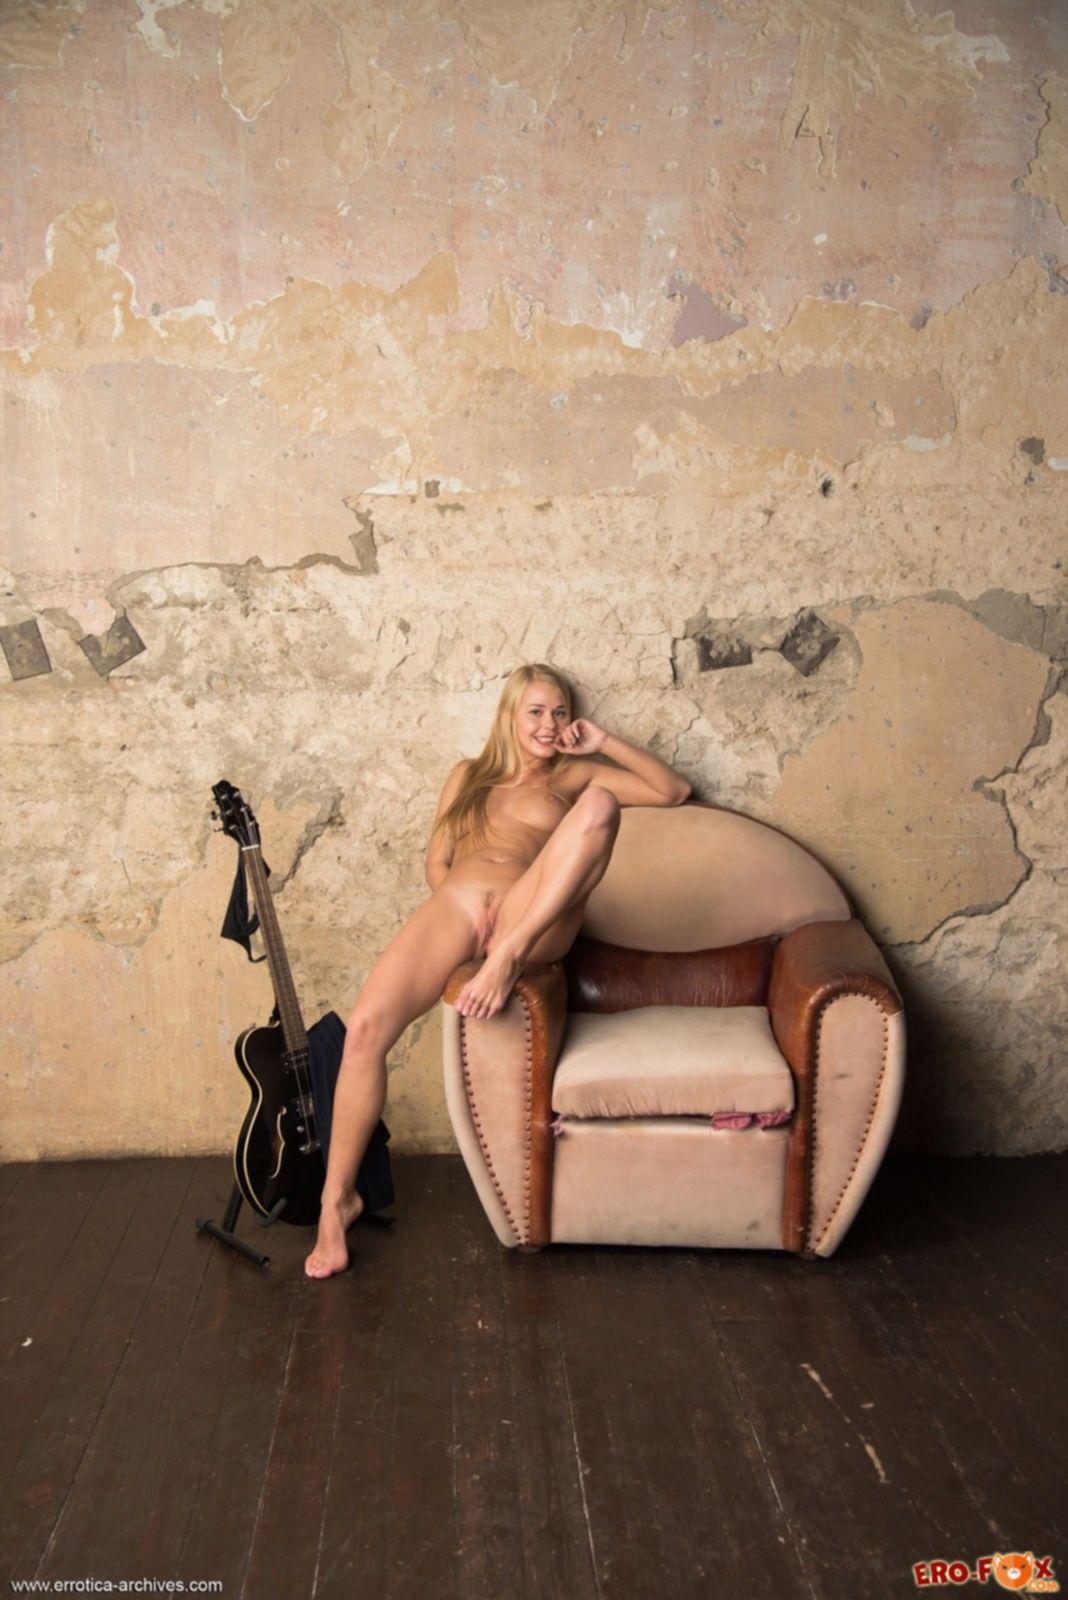 Блондинка с шикарными формами позирует голая в кресле - фото